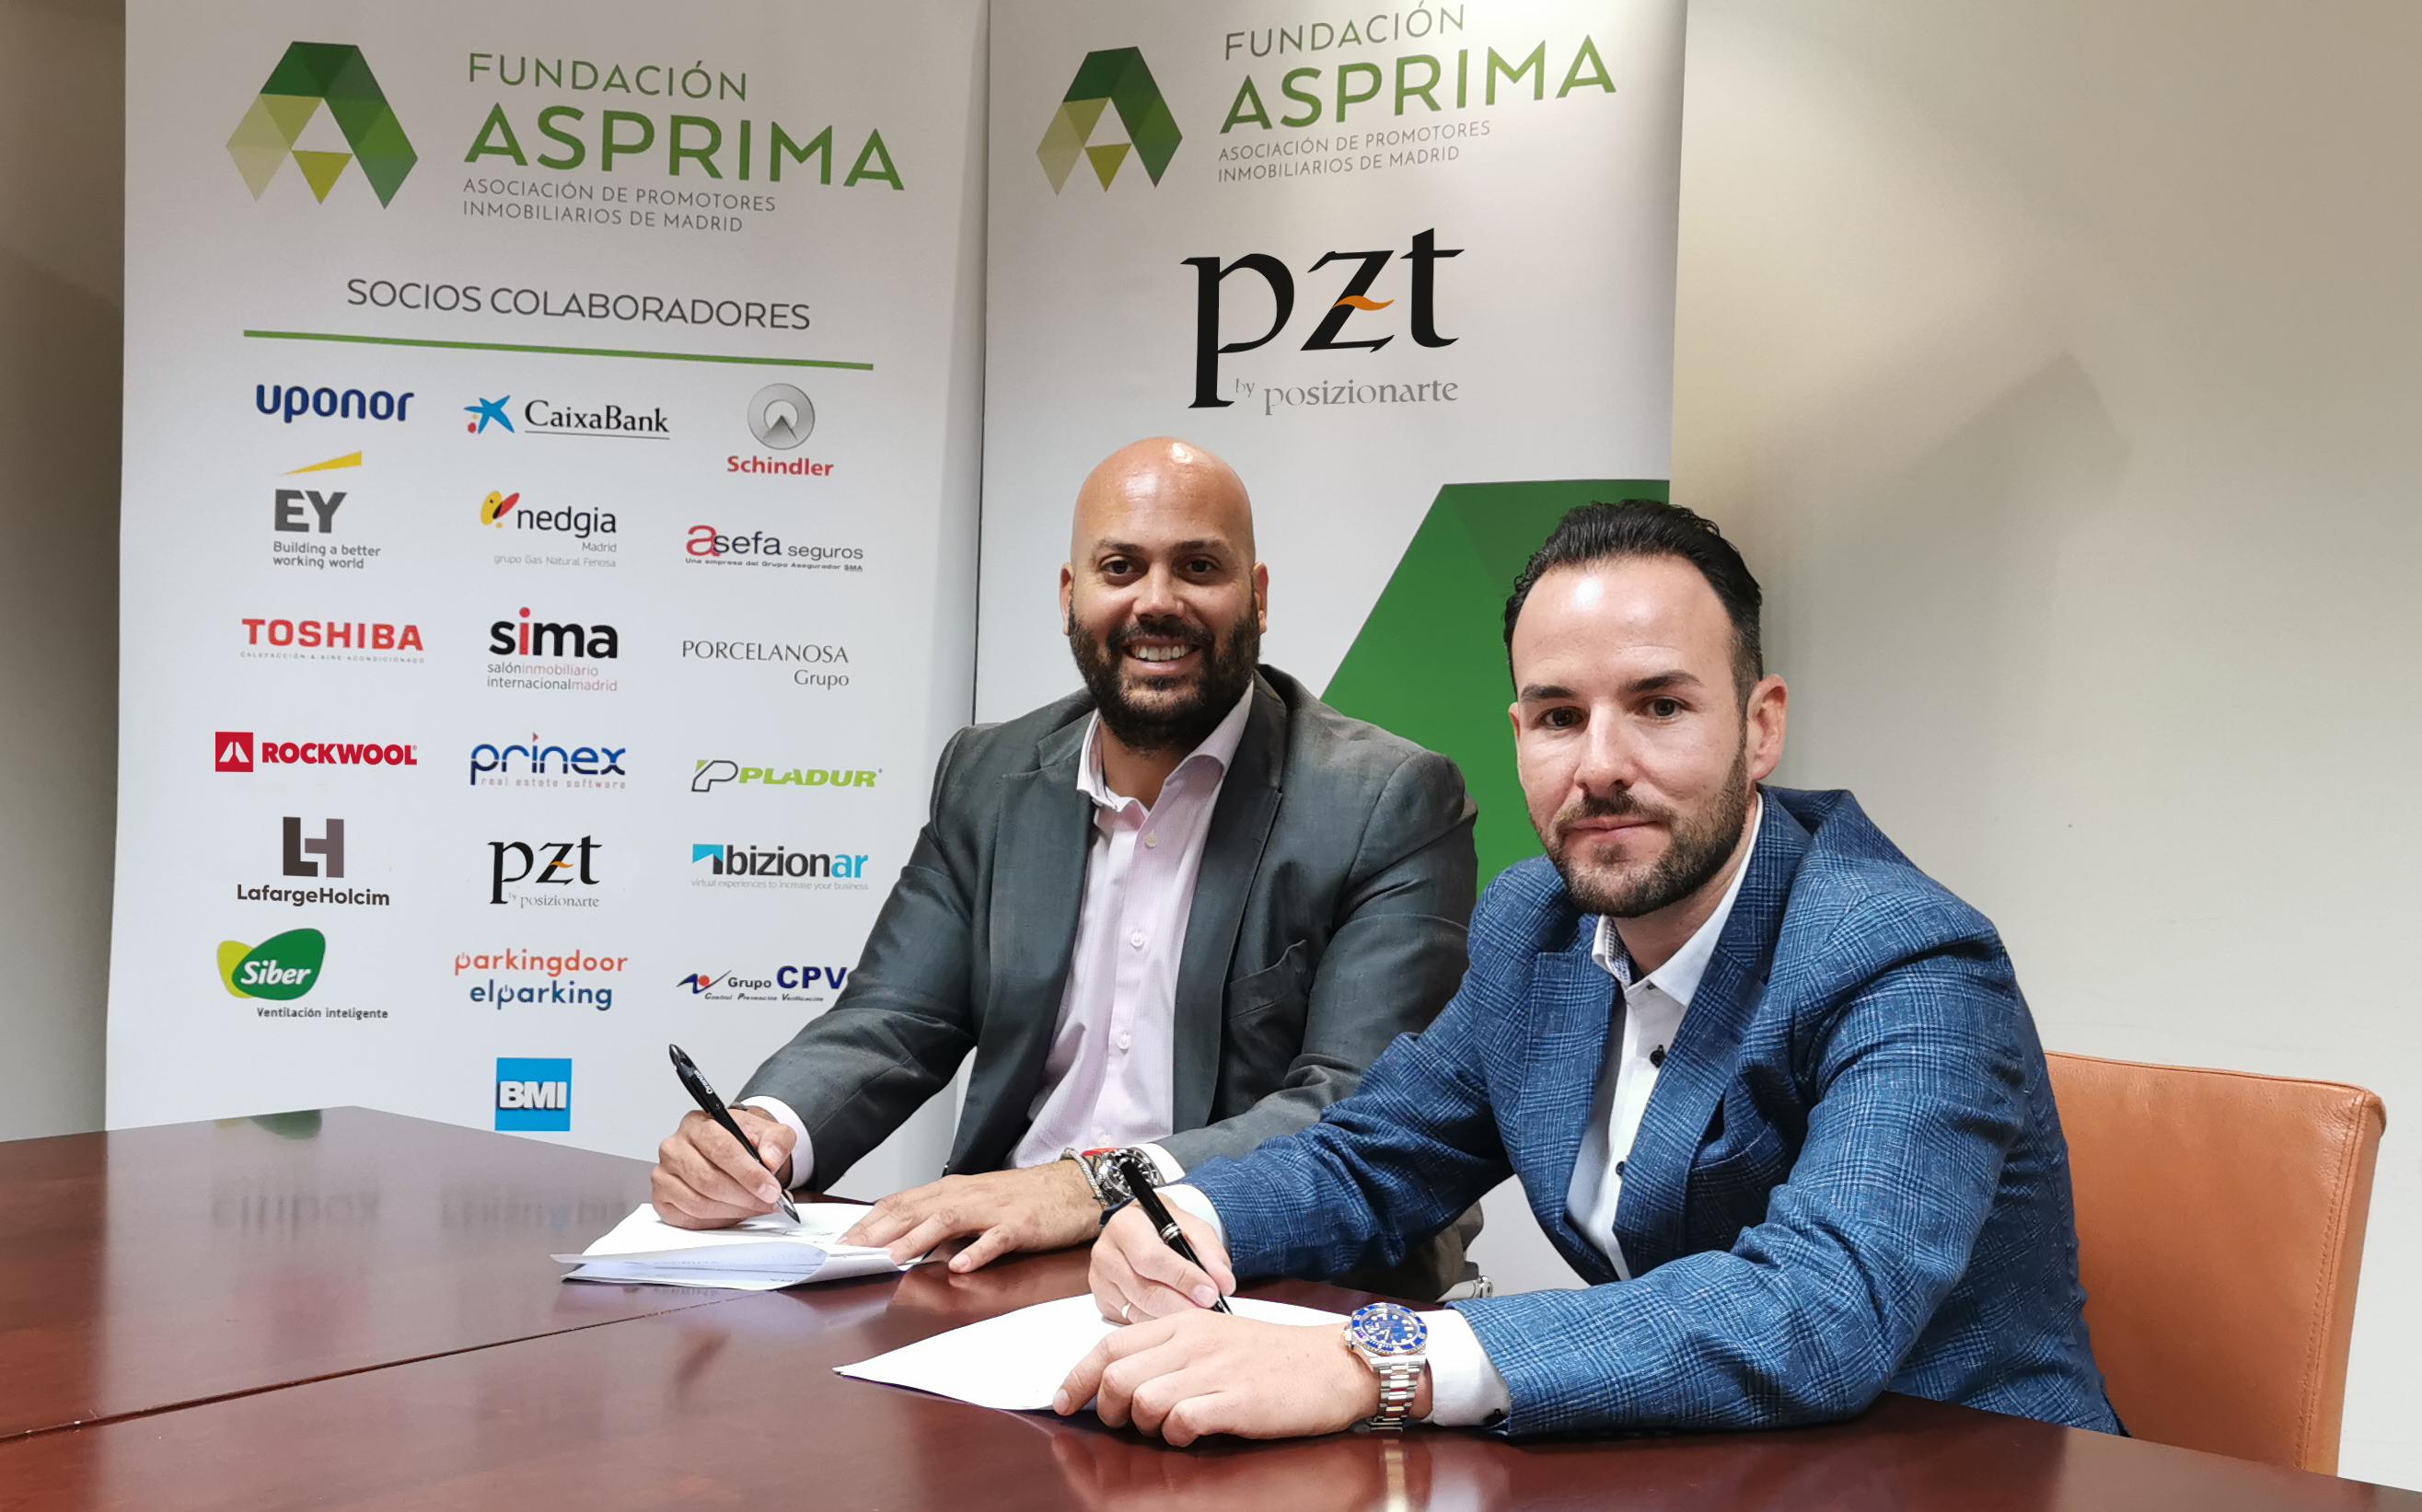 PropTech _ colaboración PZT y ASPRIMA _ 01